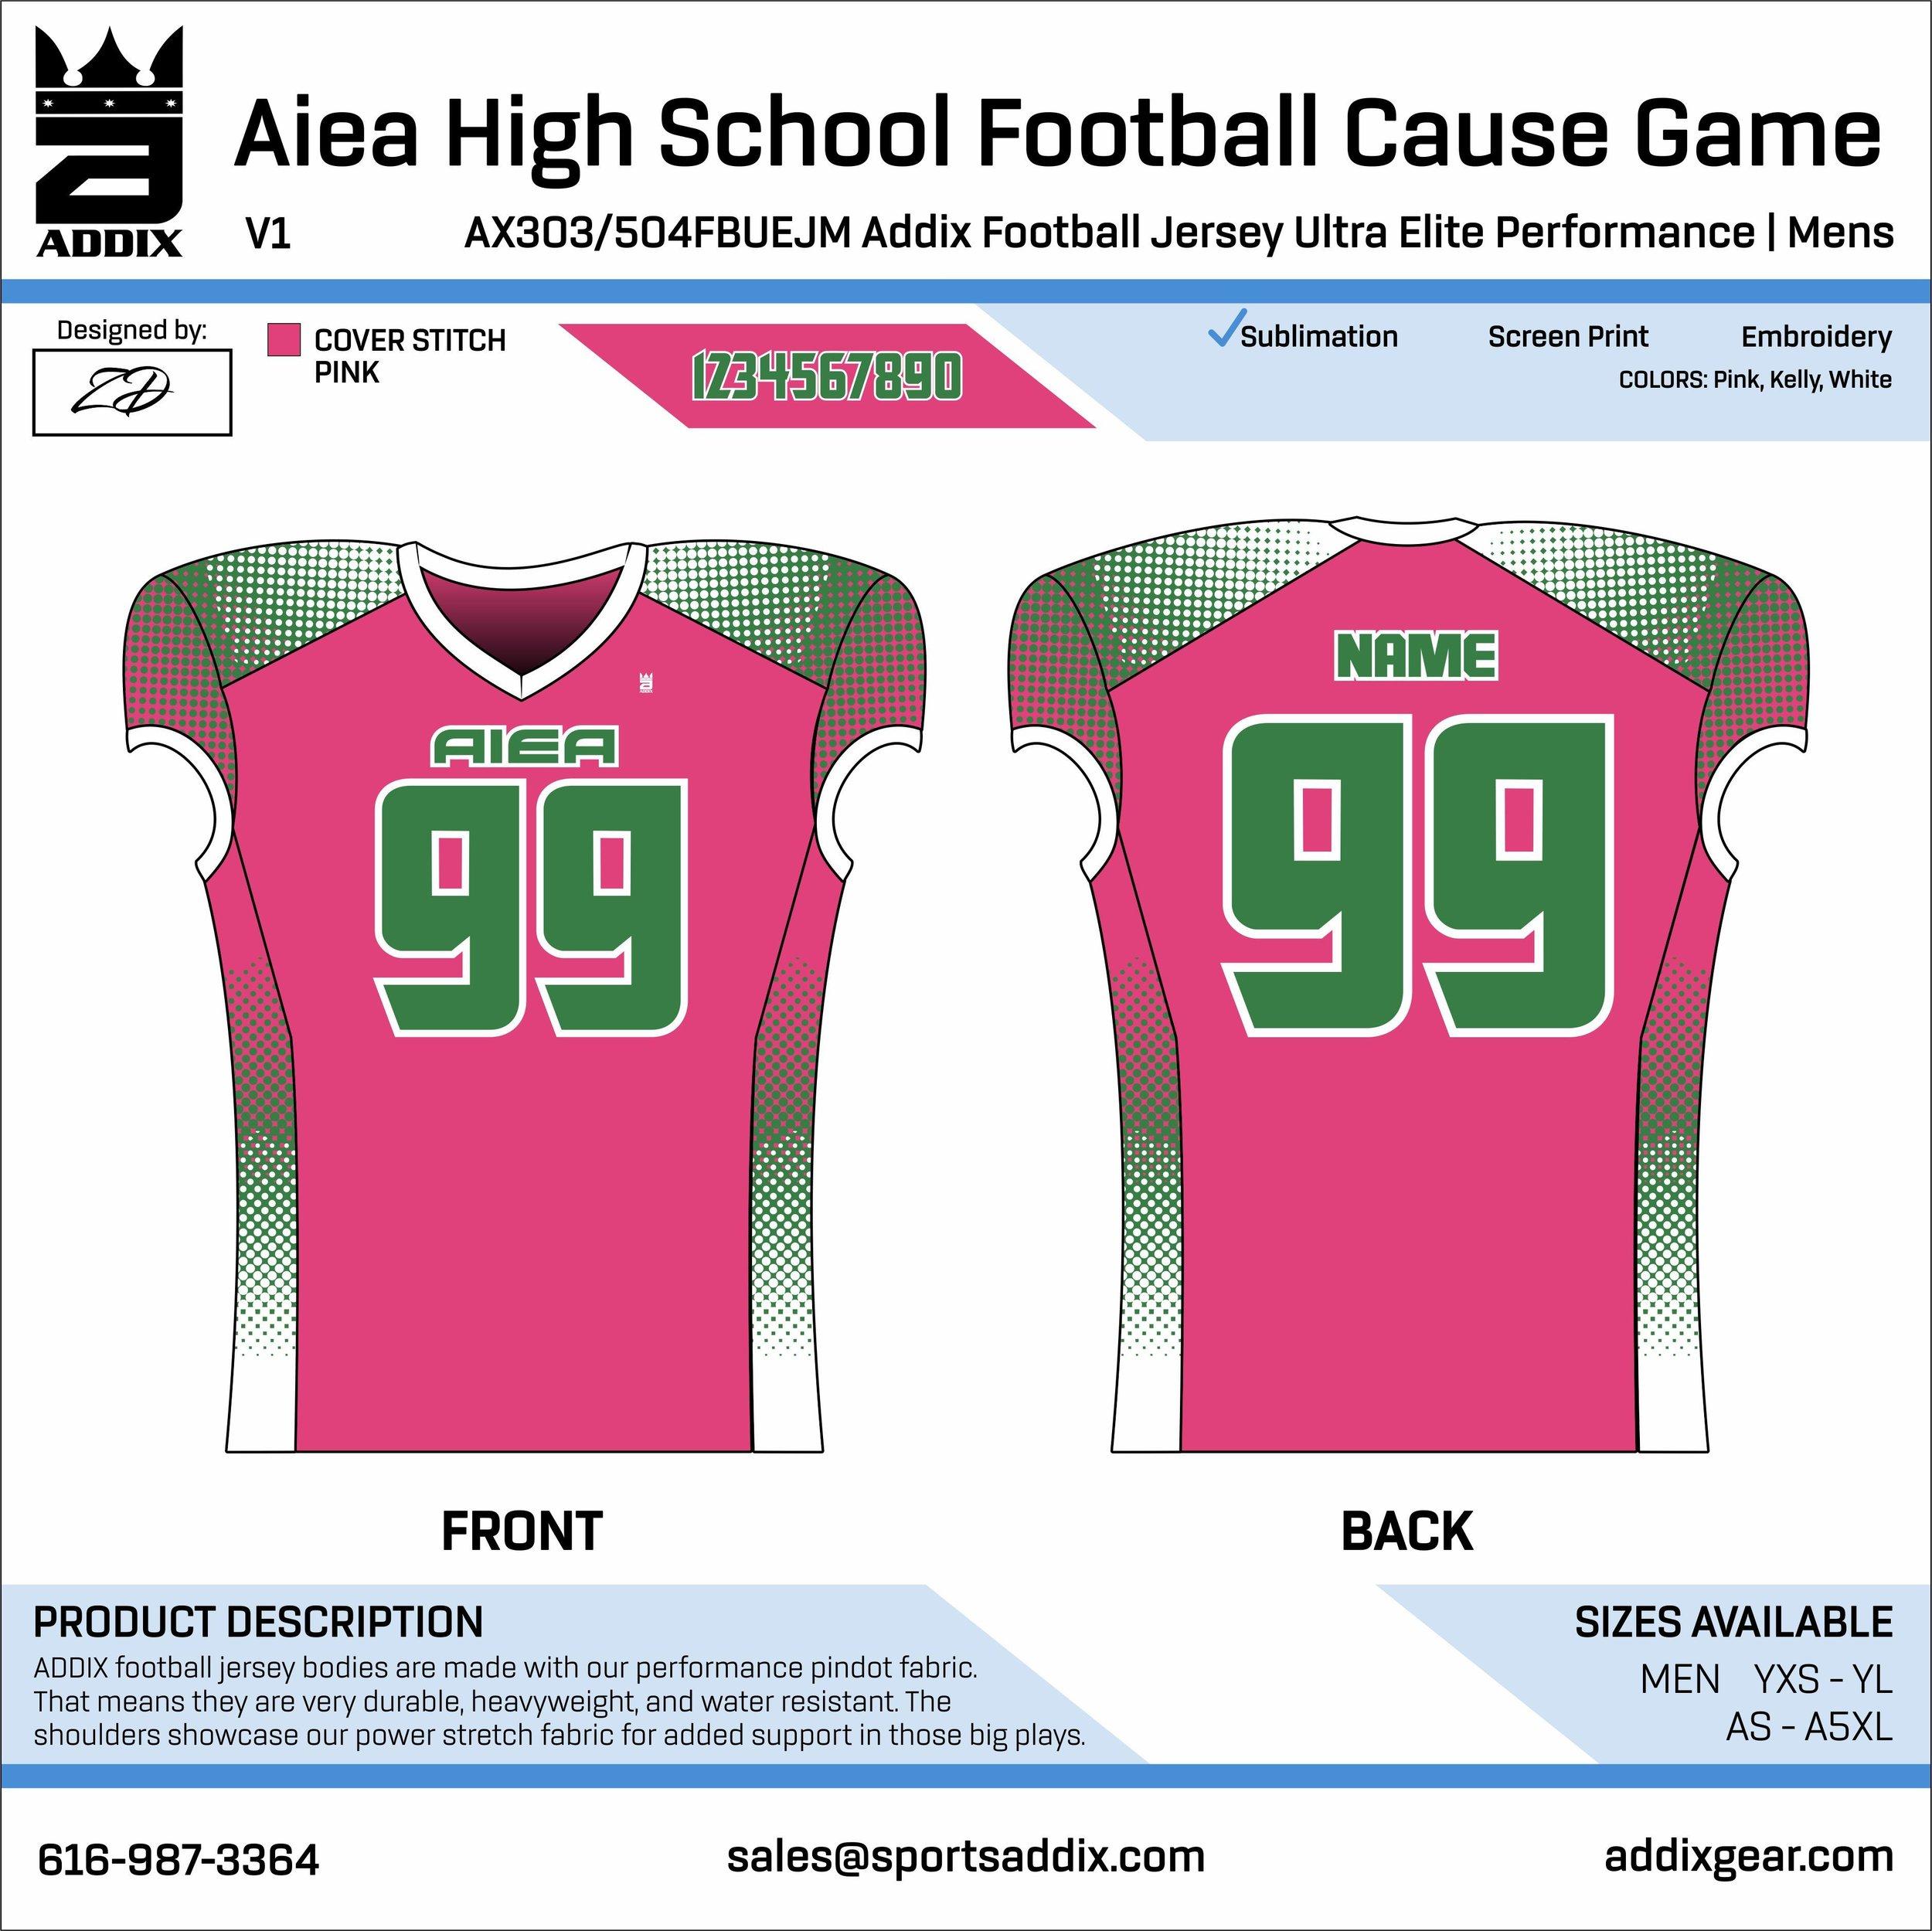 Aiea High School Football Cause Game_2019_8-20_ZD_UEP Football Jersey.jpg